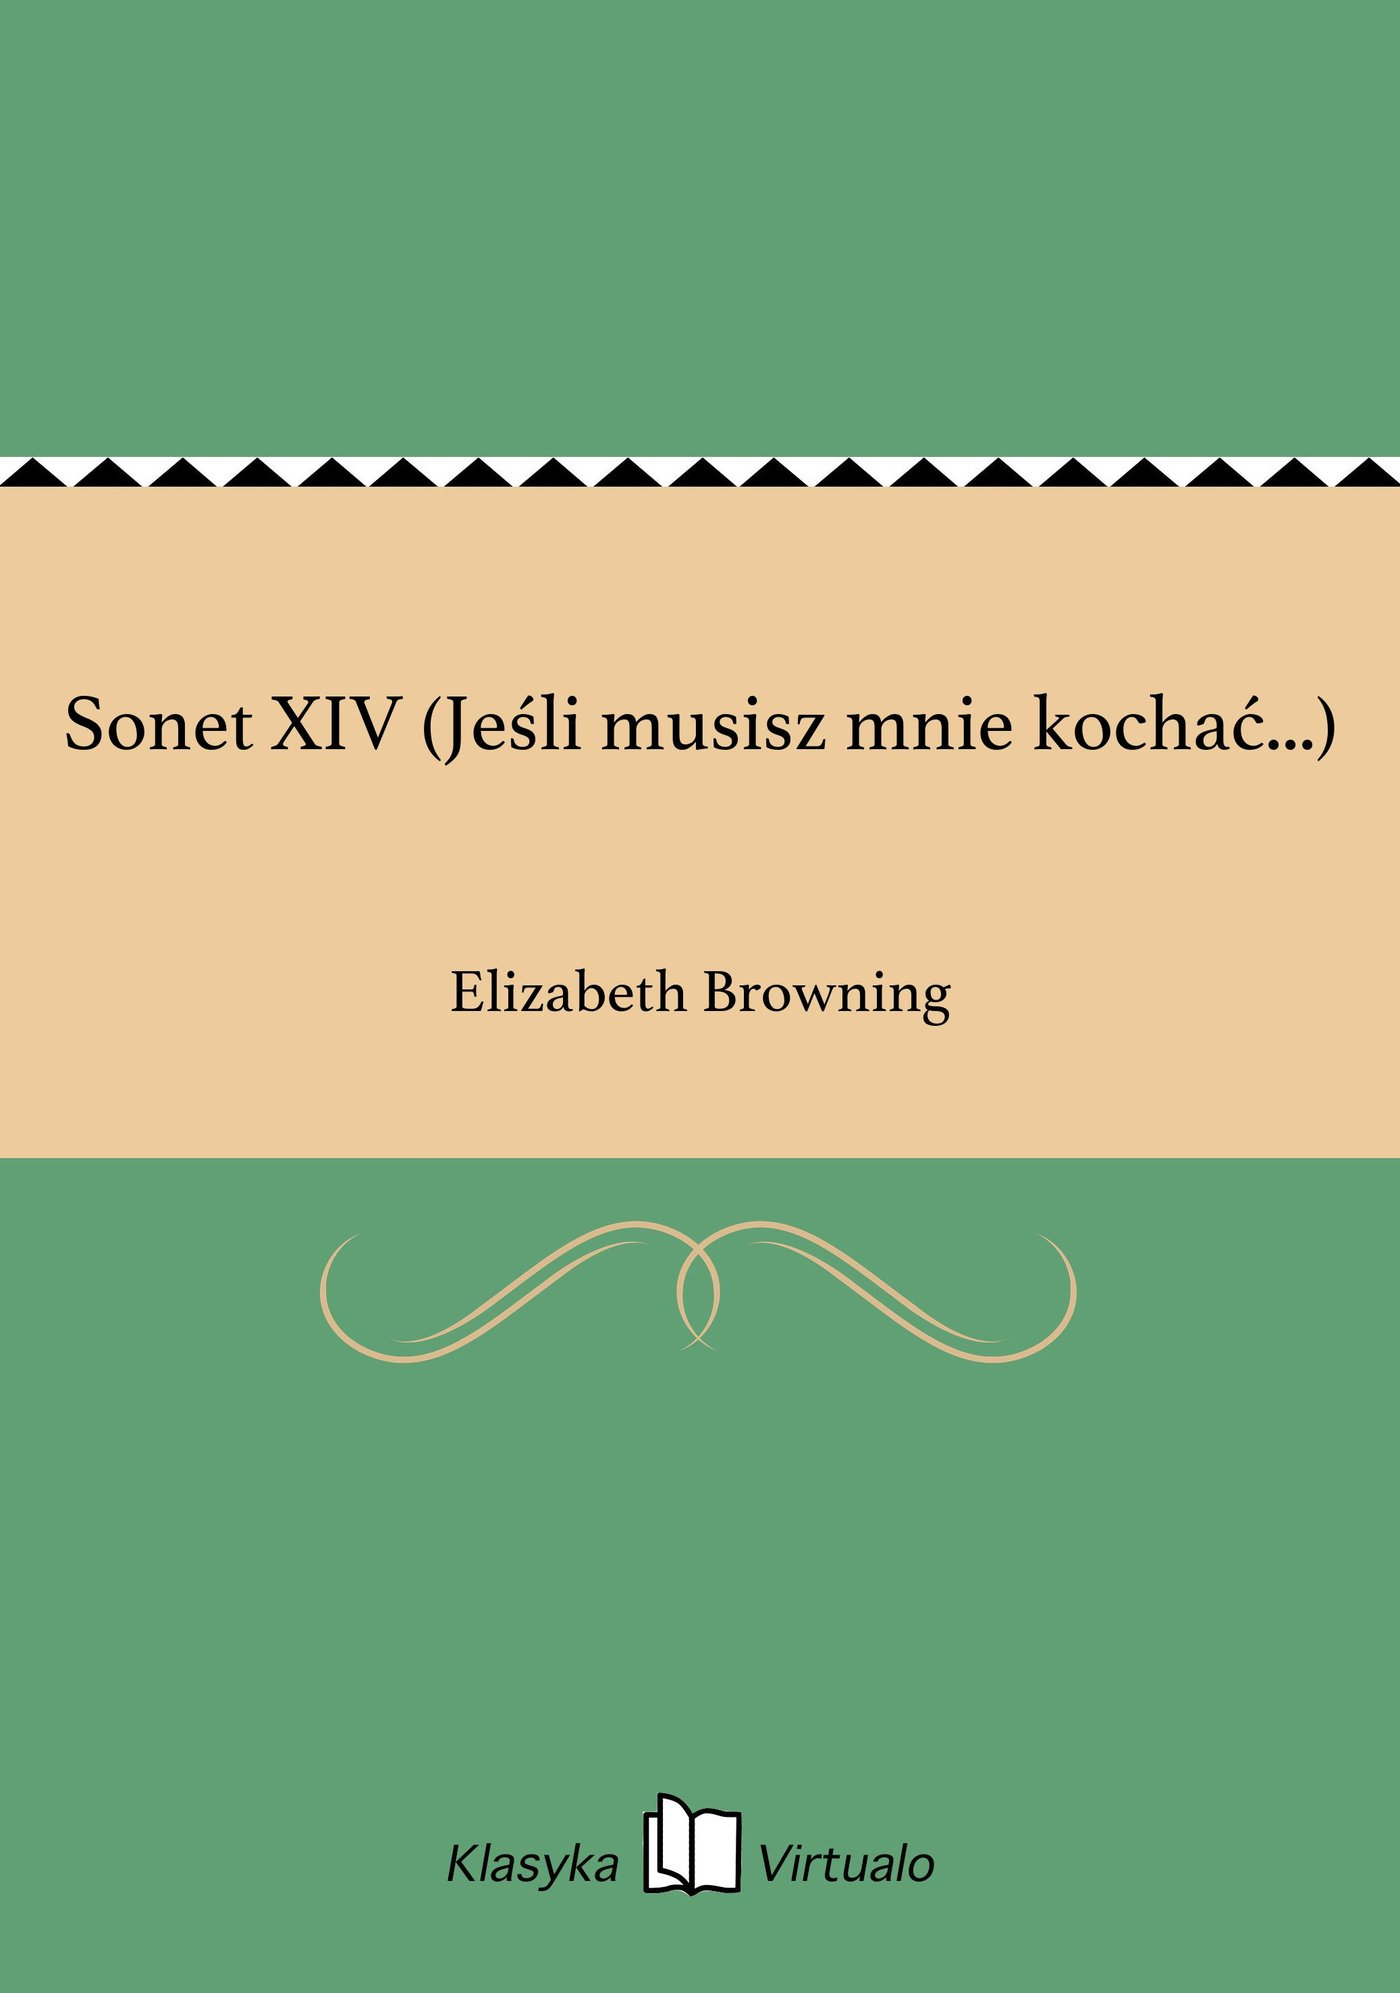 Sonet XIV (Jeśli musisz mnie kochać...) - Ebook (Książka EPUB) do pobrania w formacie EPUB